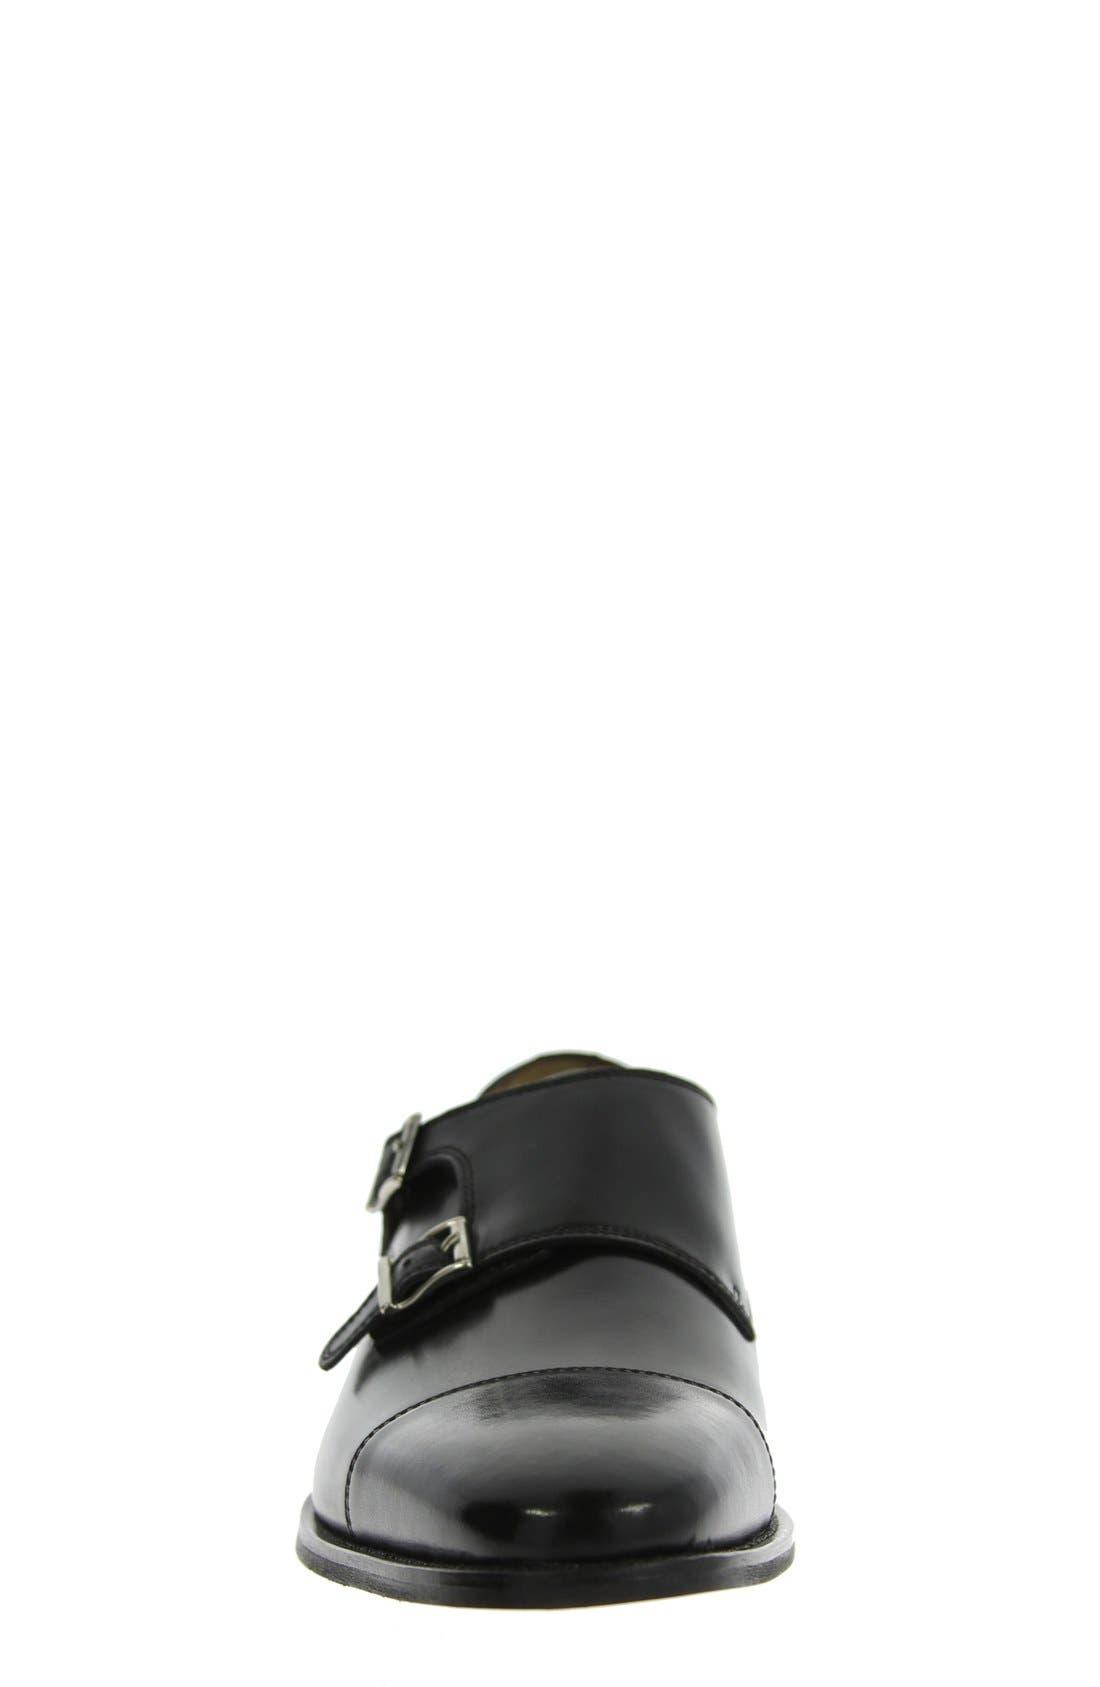 'Sabato' Double Monk Strap Shoe,                             Alternate thumbnail 4, color,                             001